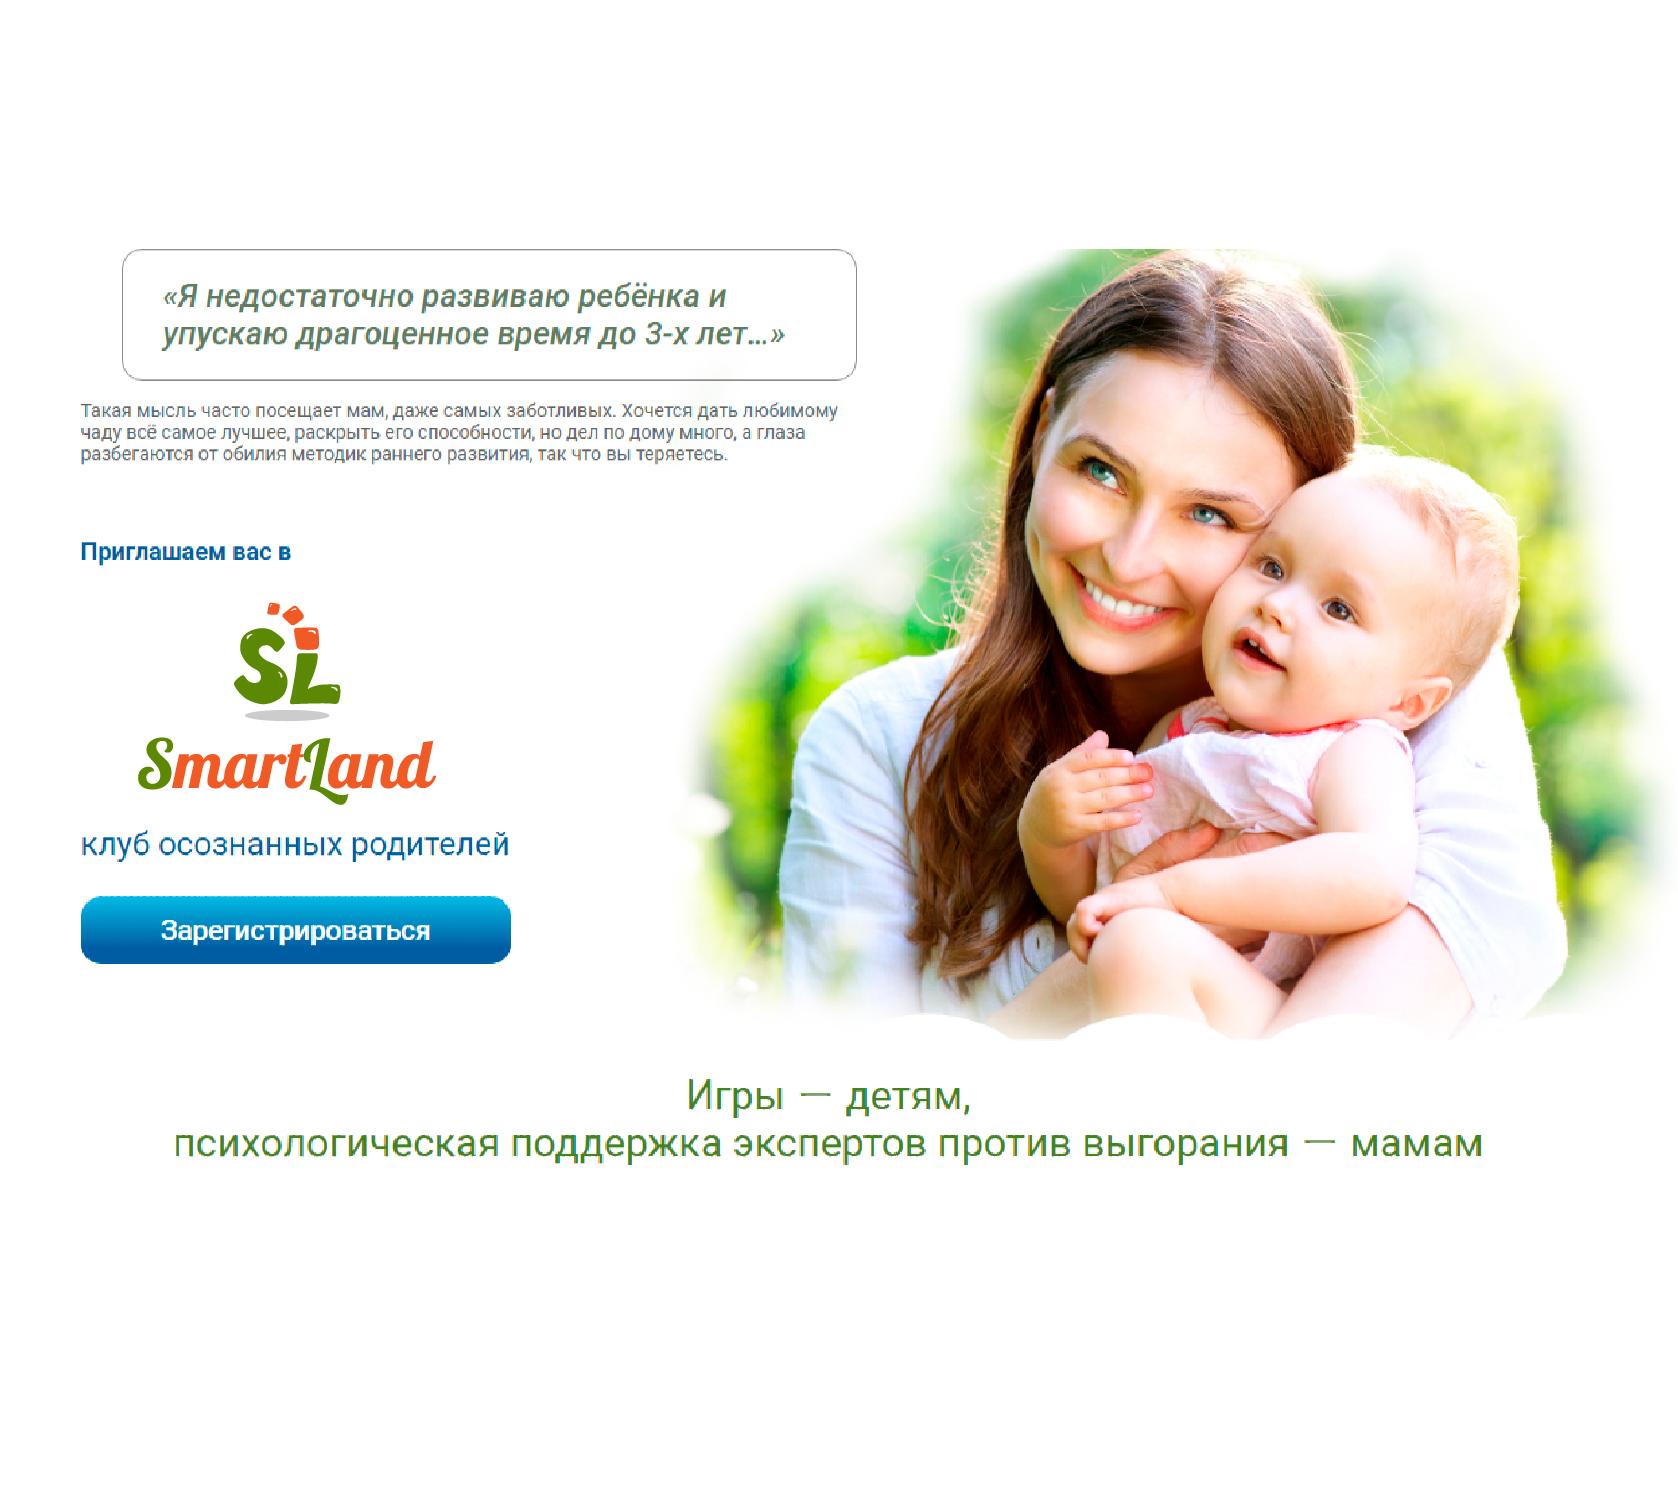 Разработать логотип для детской образовательной платформы фото f_921607c83d4815ba.jpg